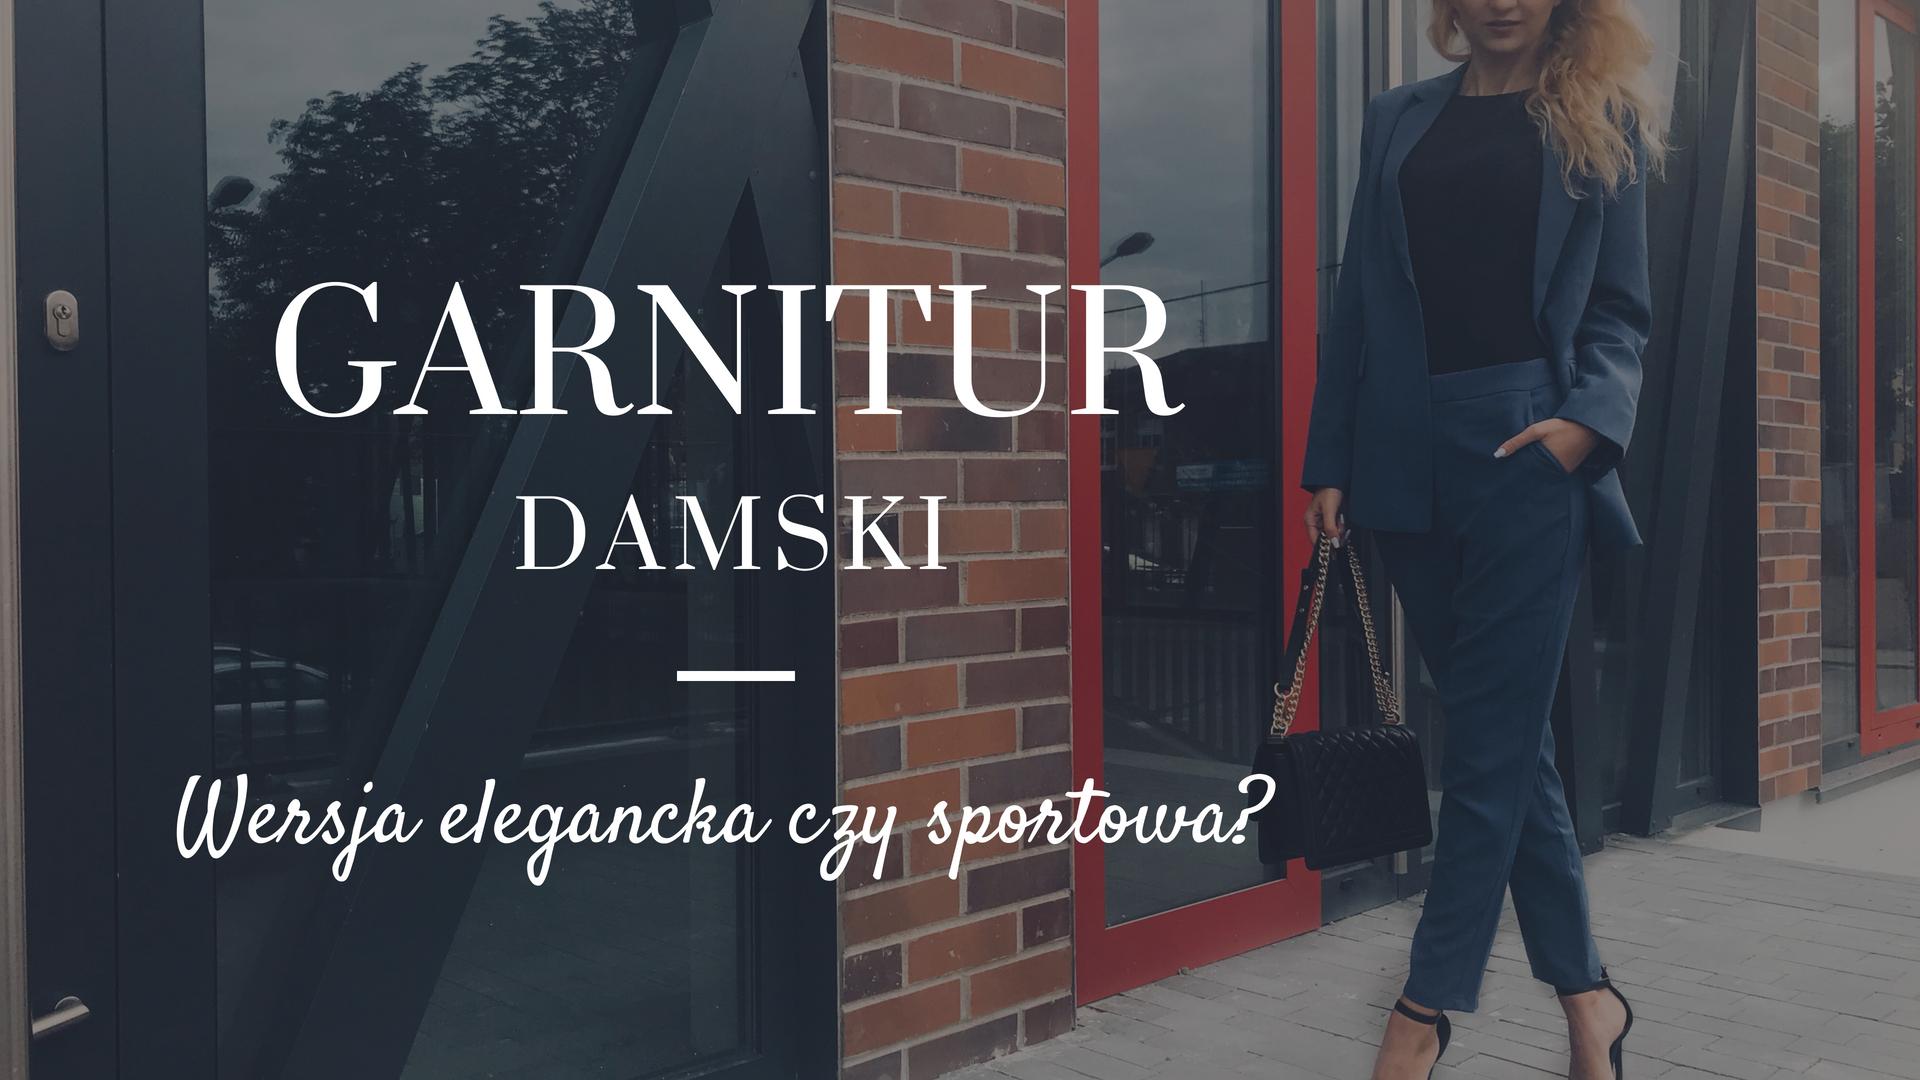 Garnitur damski - Wersja elegancka czy sportowa?